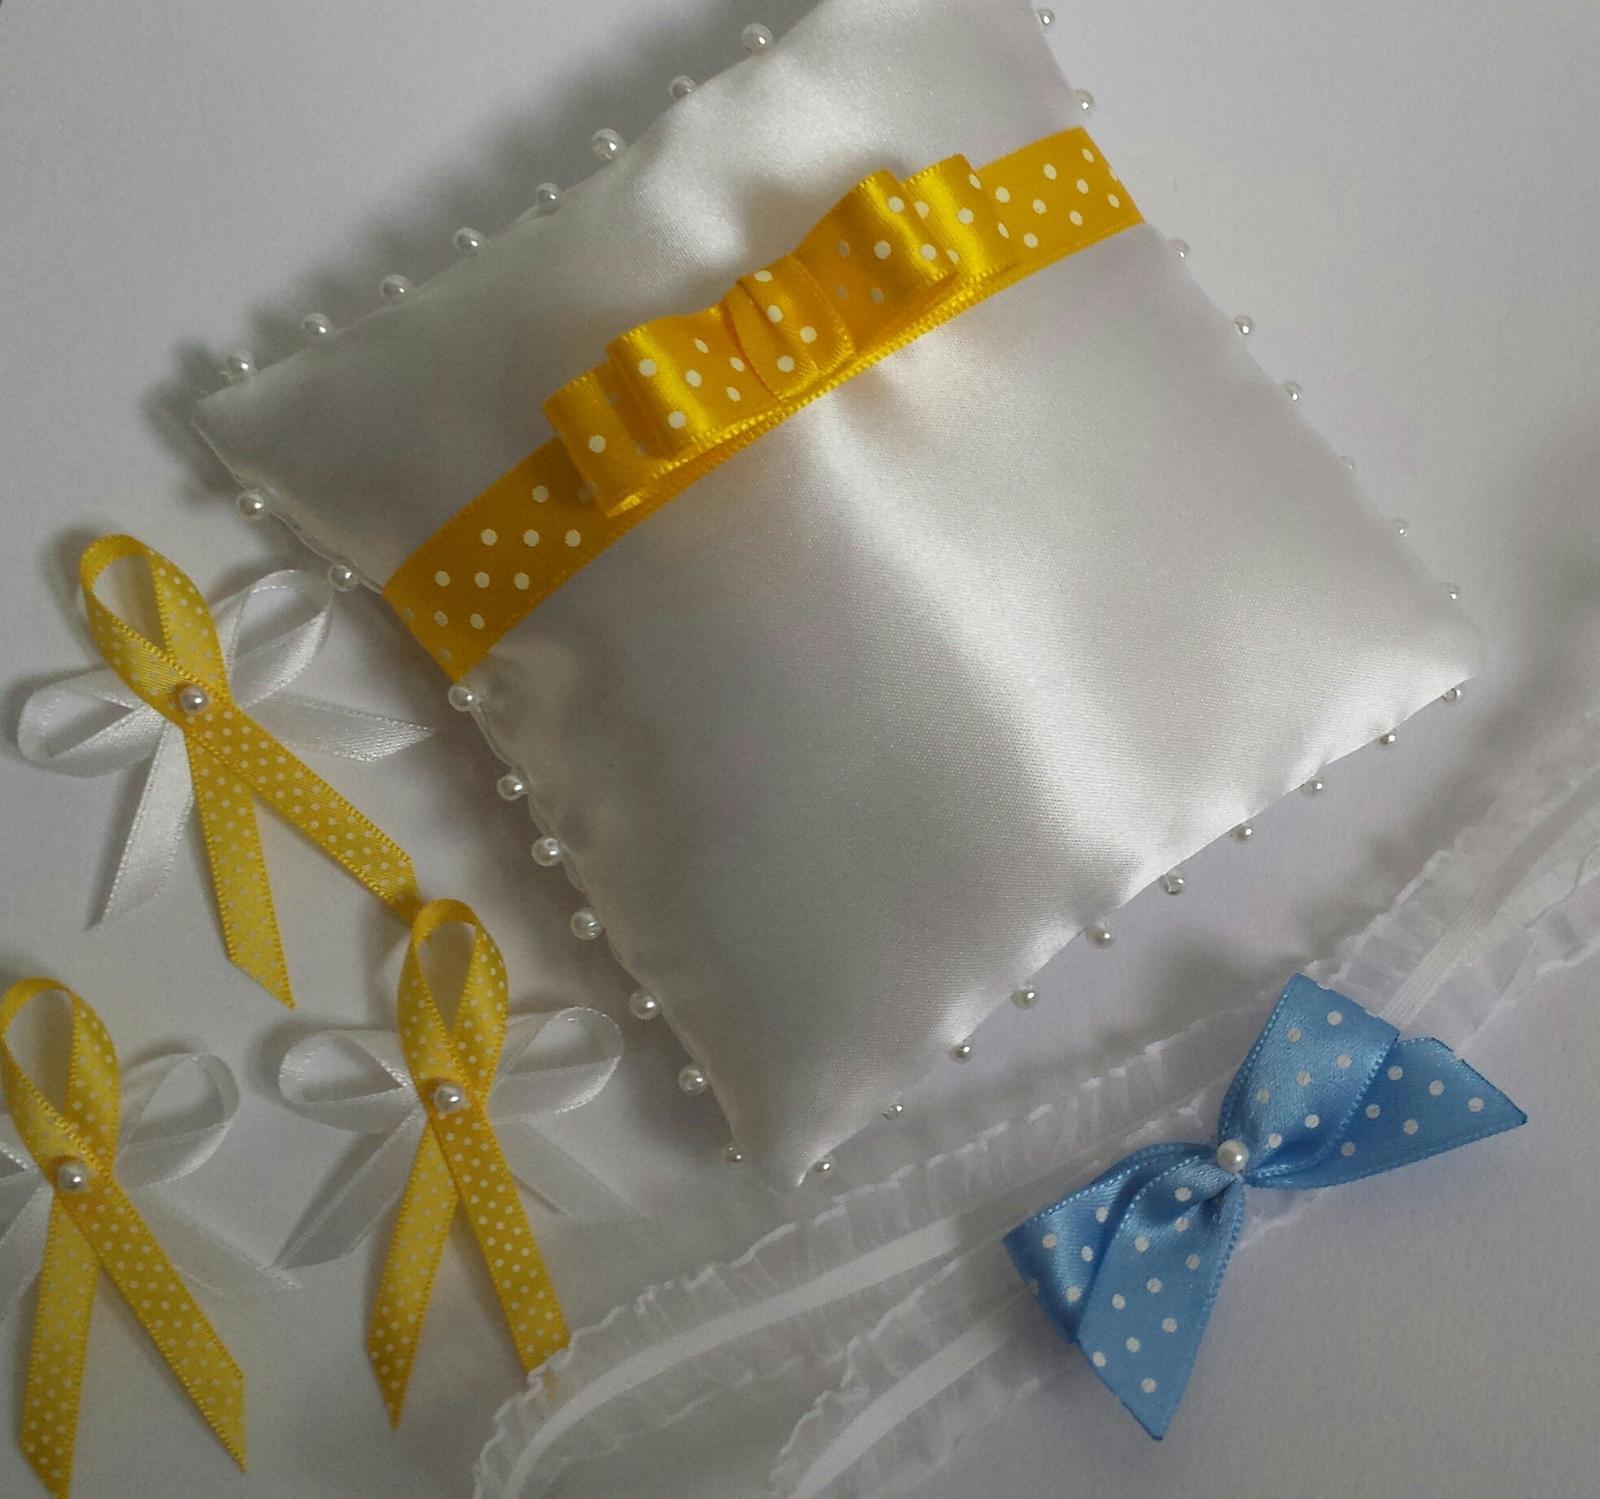 Bílý polštářek se žlutou puntíkatou mašličkou - Obrázek č. 1